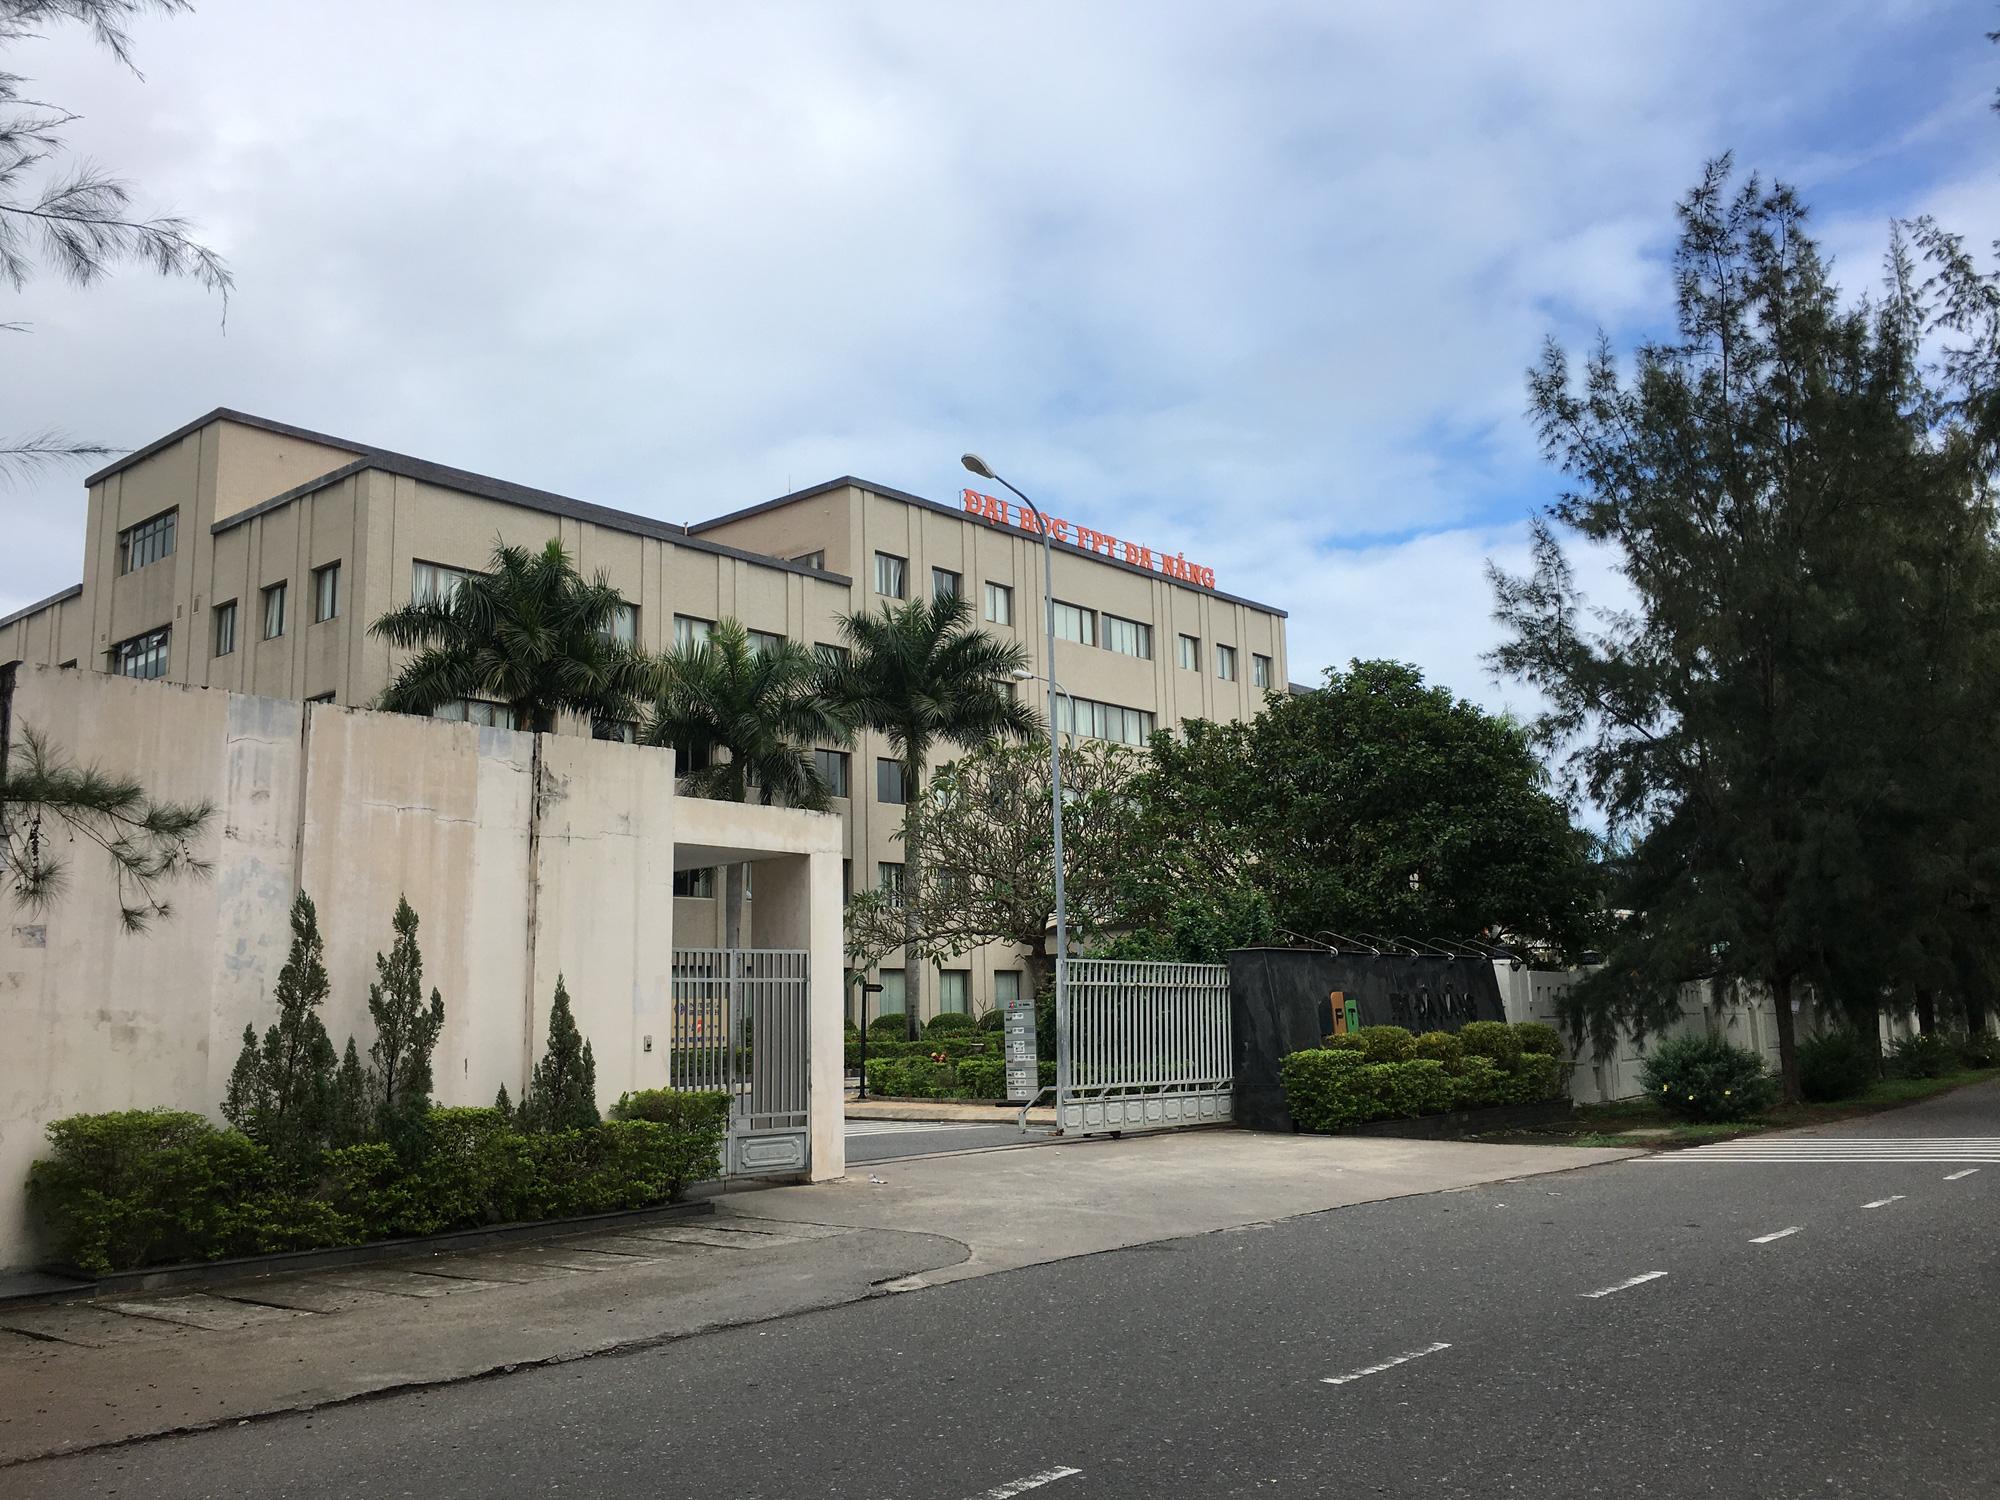 Cận cảnh đất vàng KCN An Đồn, Đà Nẵng làm bệnh viện Nhi 100 triệu đô - Ảnh 10.